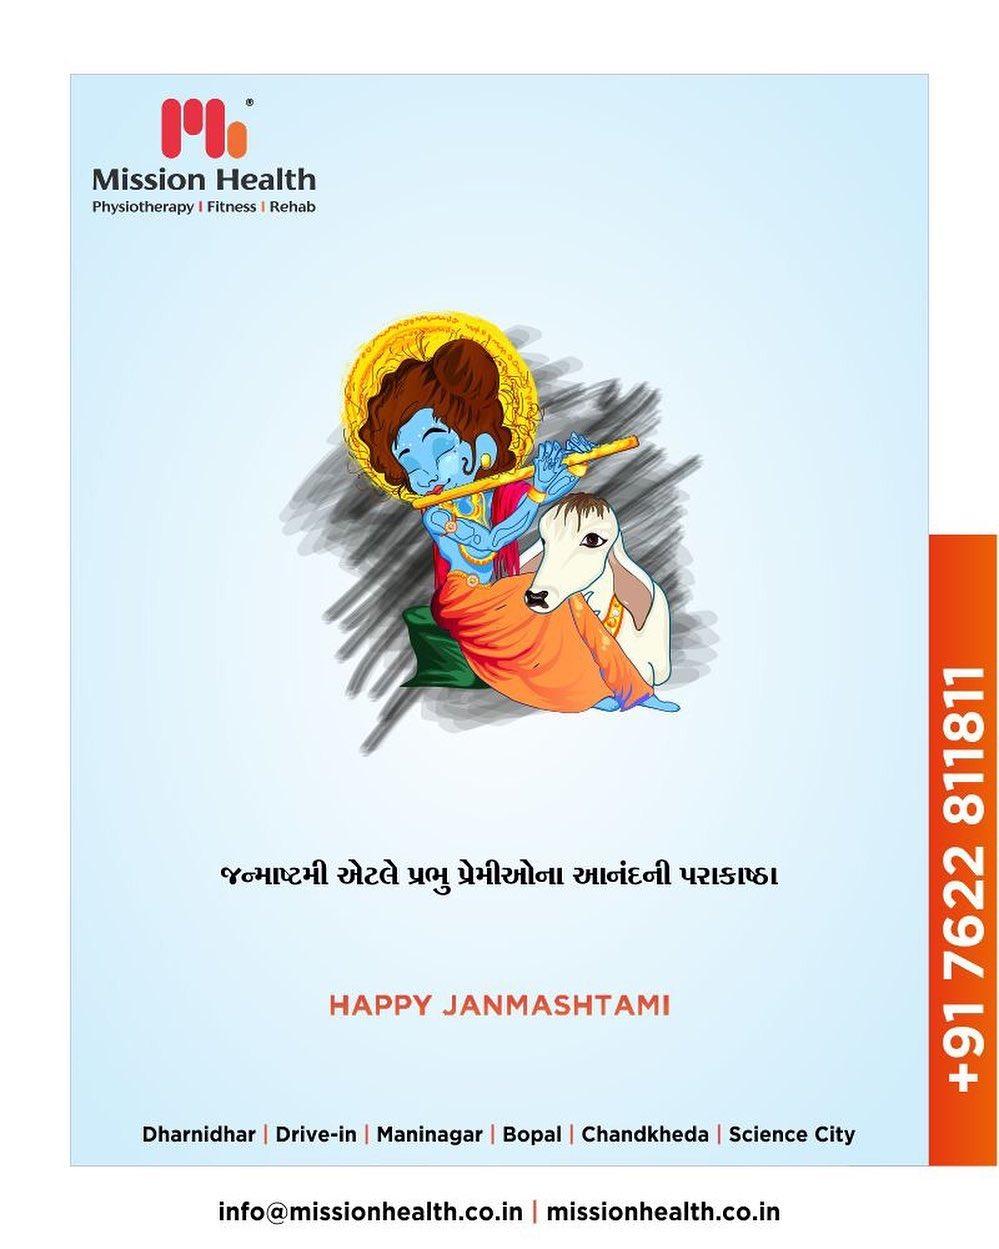 જન્માષ્ટમી એટલે પ્રભુ પ્રેમીઓના આનંદની પરાકાષ્ઠા  #LordKrishna #Janmashtami #HappyJanmashtami #Janmashtami2019 #MissionHealth #MissionHealthIndia